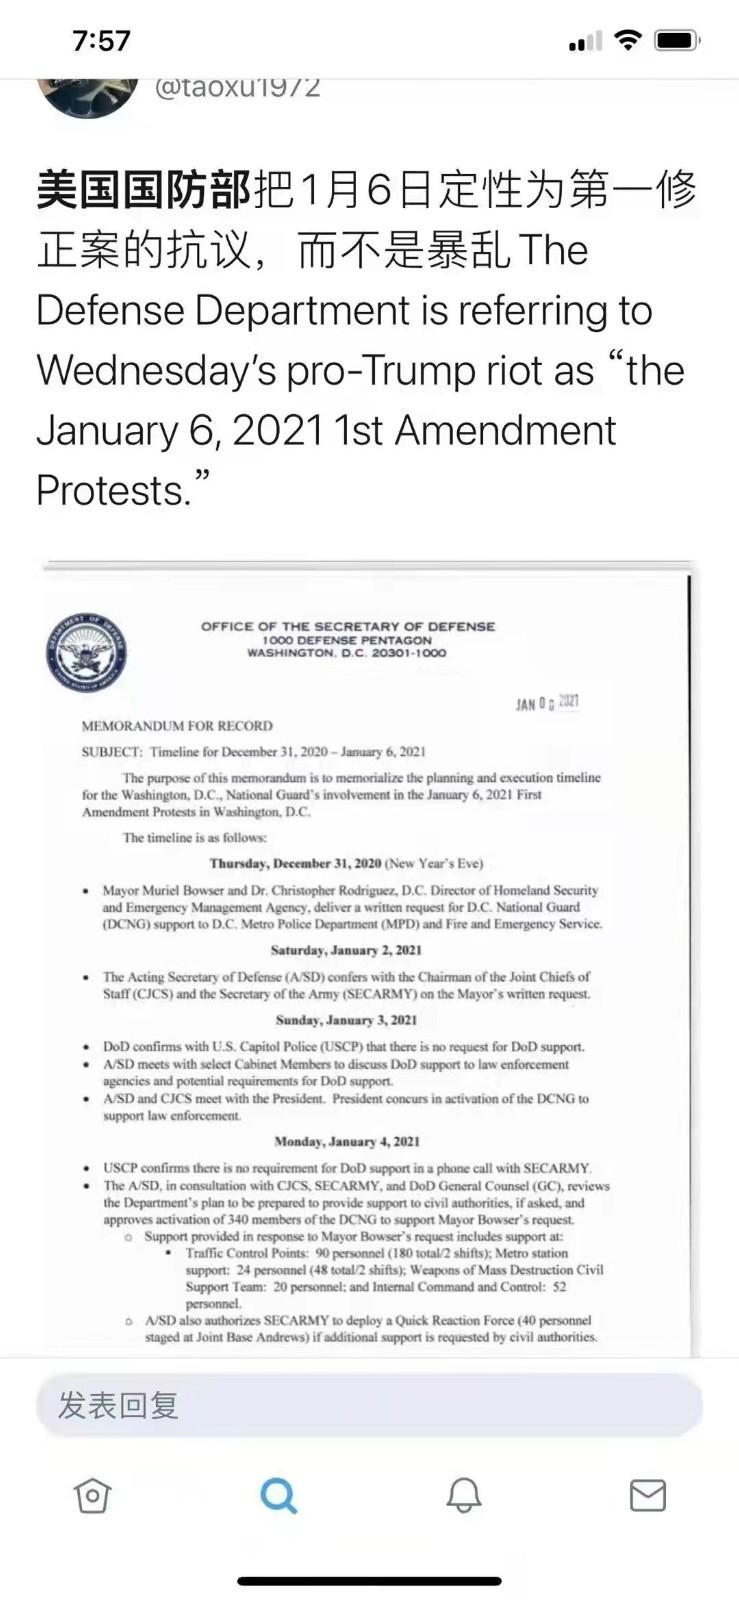 谣传美国国防部否认冲击国会是暴乱_图1-2